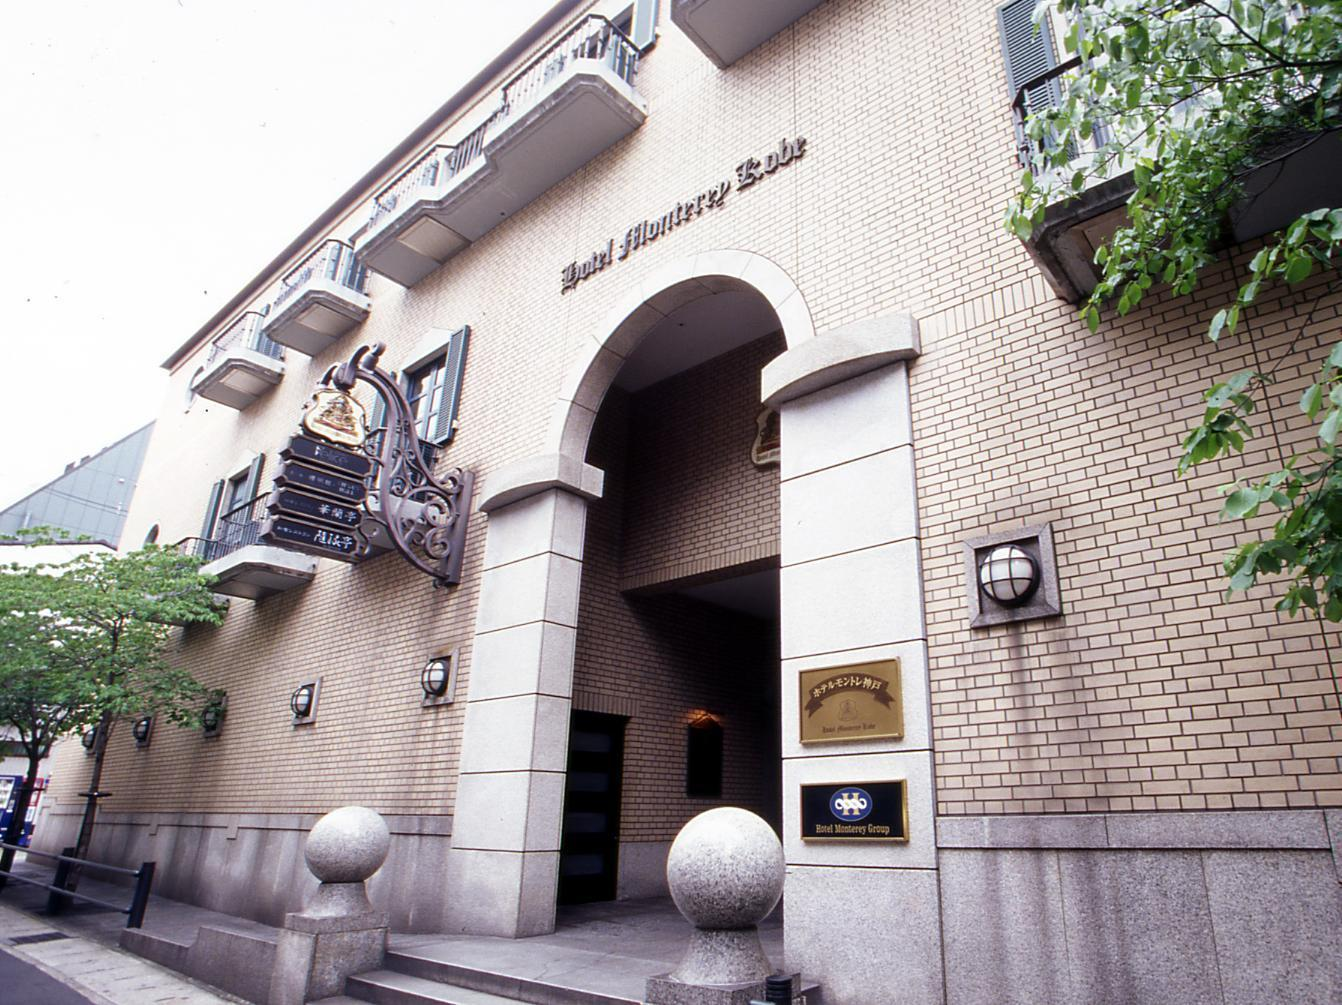 神戶蒙特利酒店 Hotel Monterey Kobe